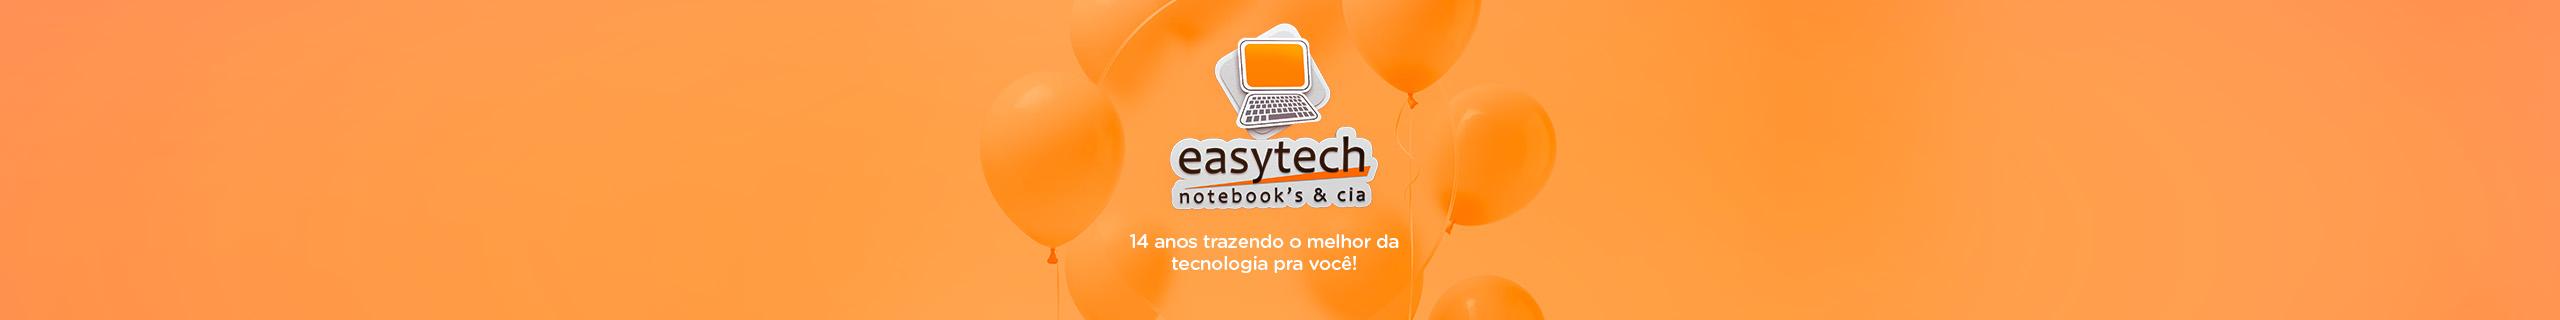 14 anos Easytech